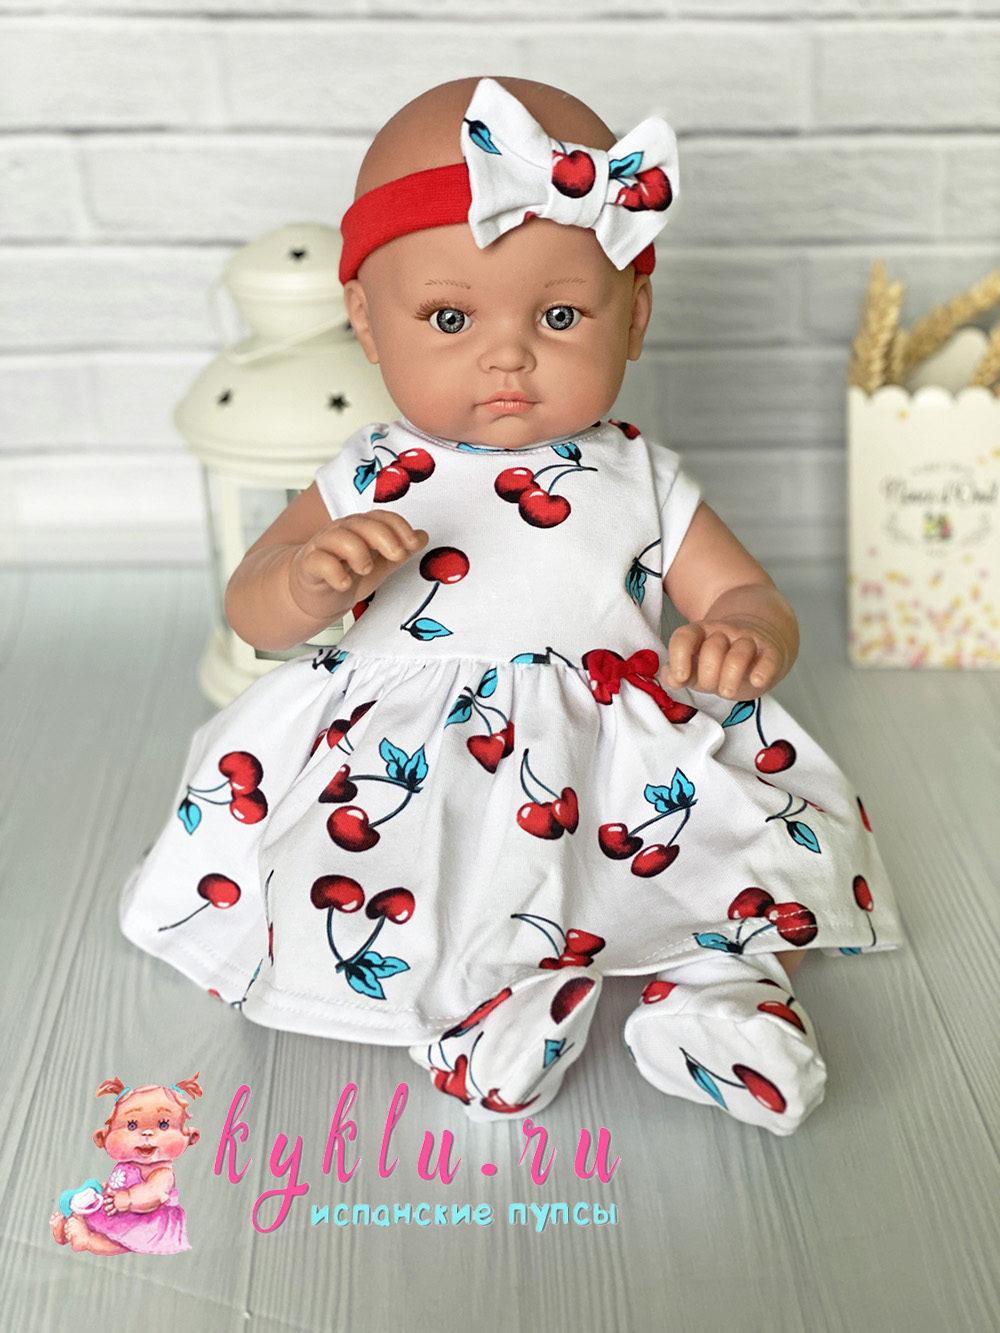 Платье для куклы ростом 40-45 см